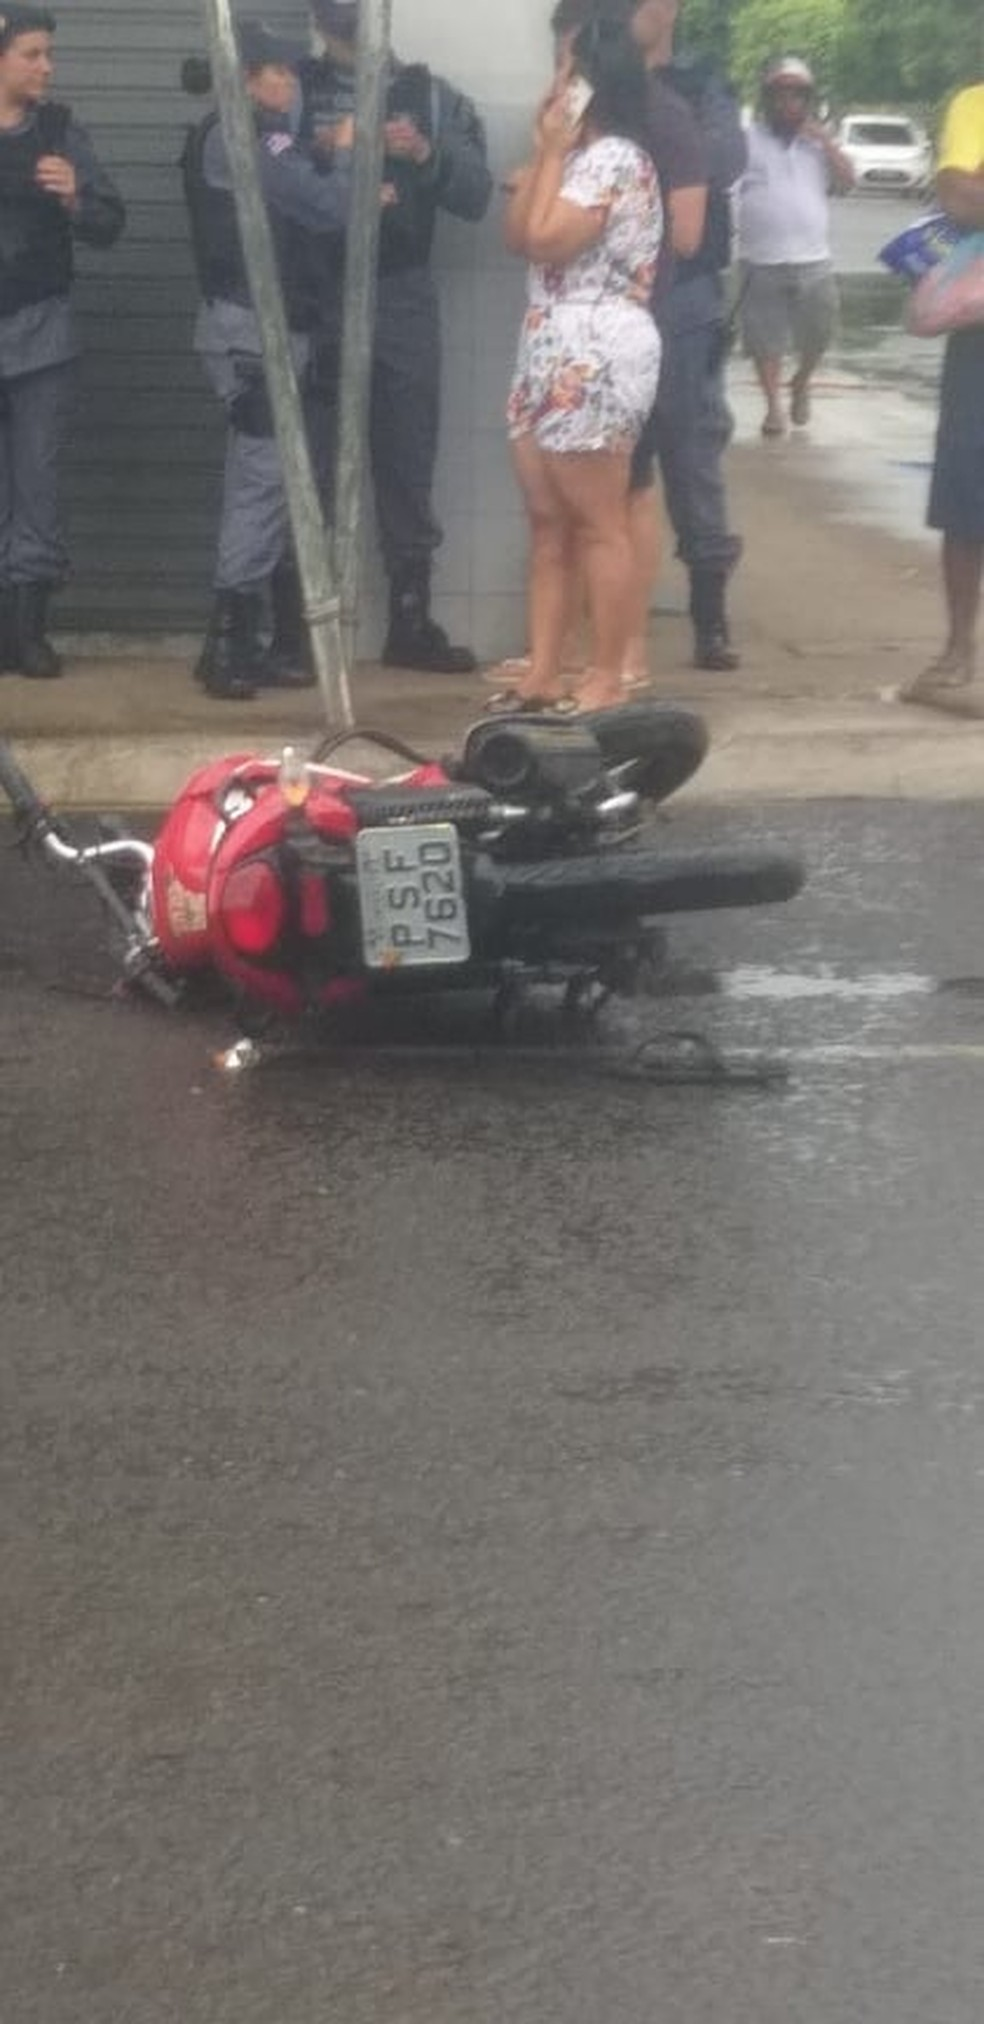 Após o forte impacto, Fabiano Freitas caiu da motocicleta, quebrou o pescoço e morreu minutos depois — Foto: Divulgação